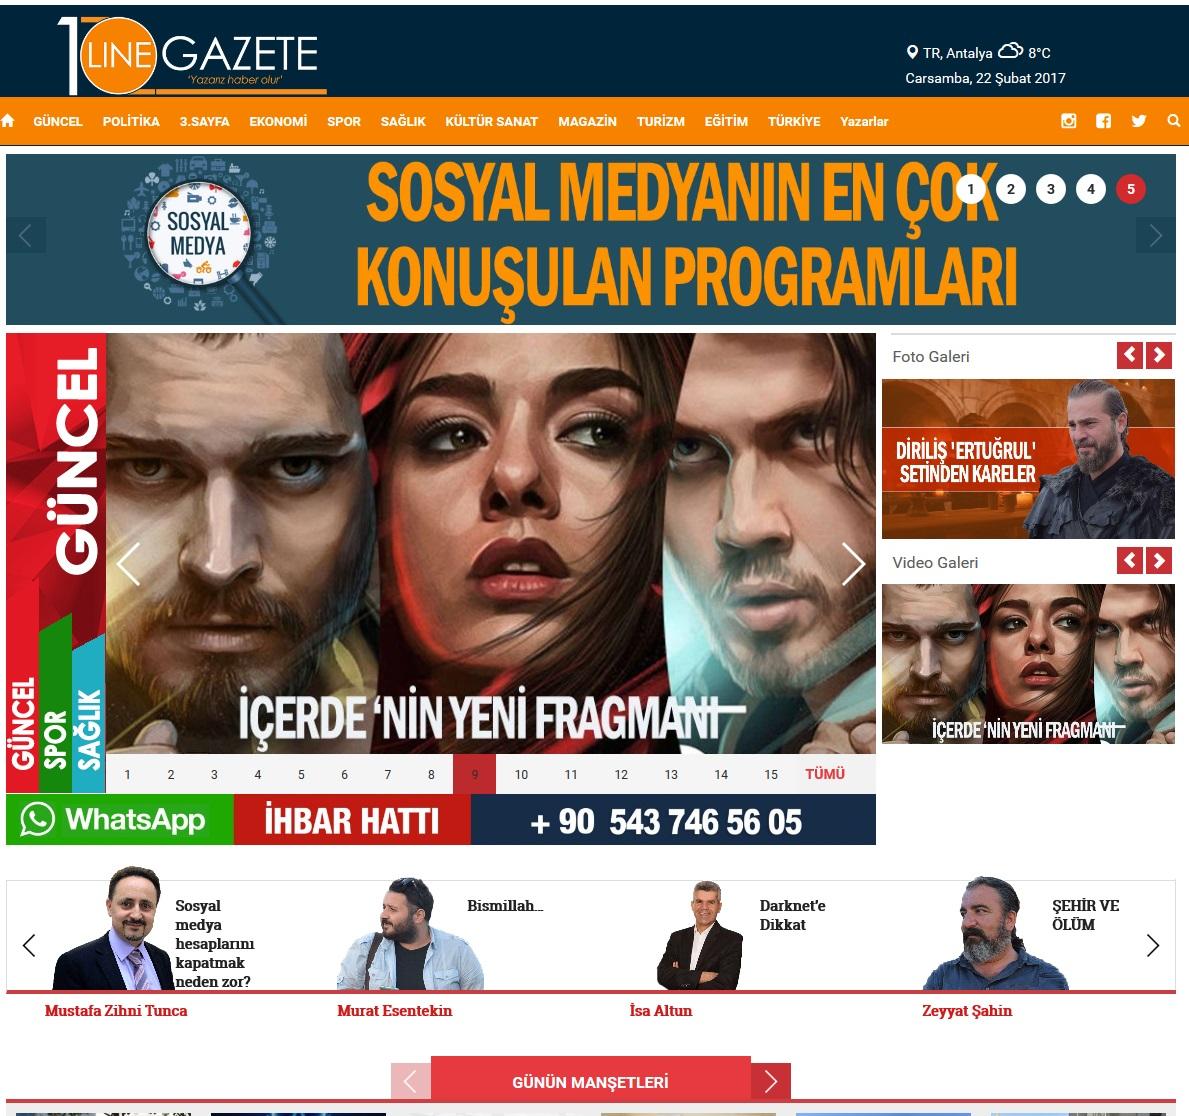 10linegazete.com